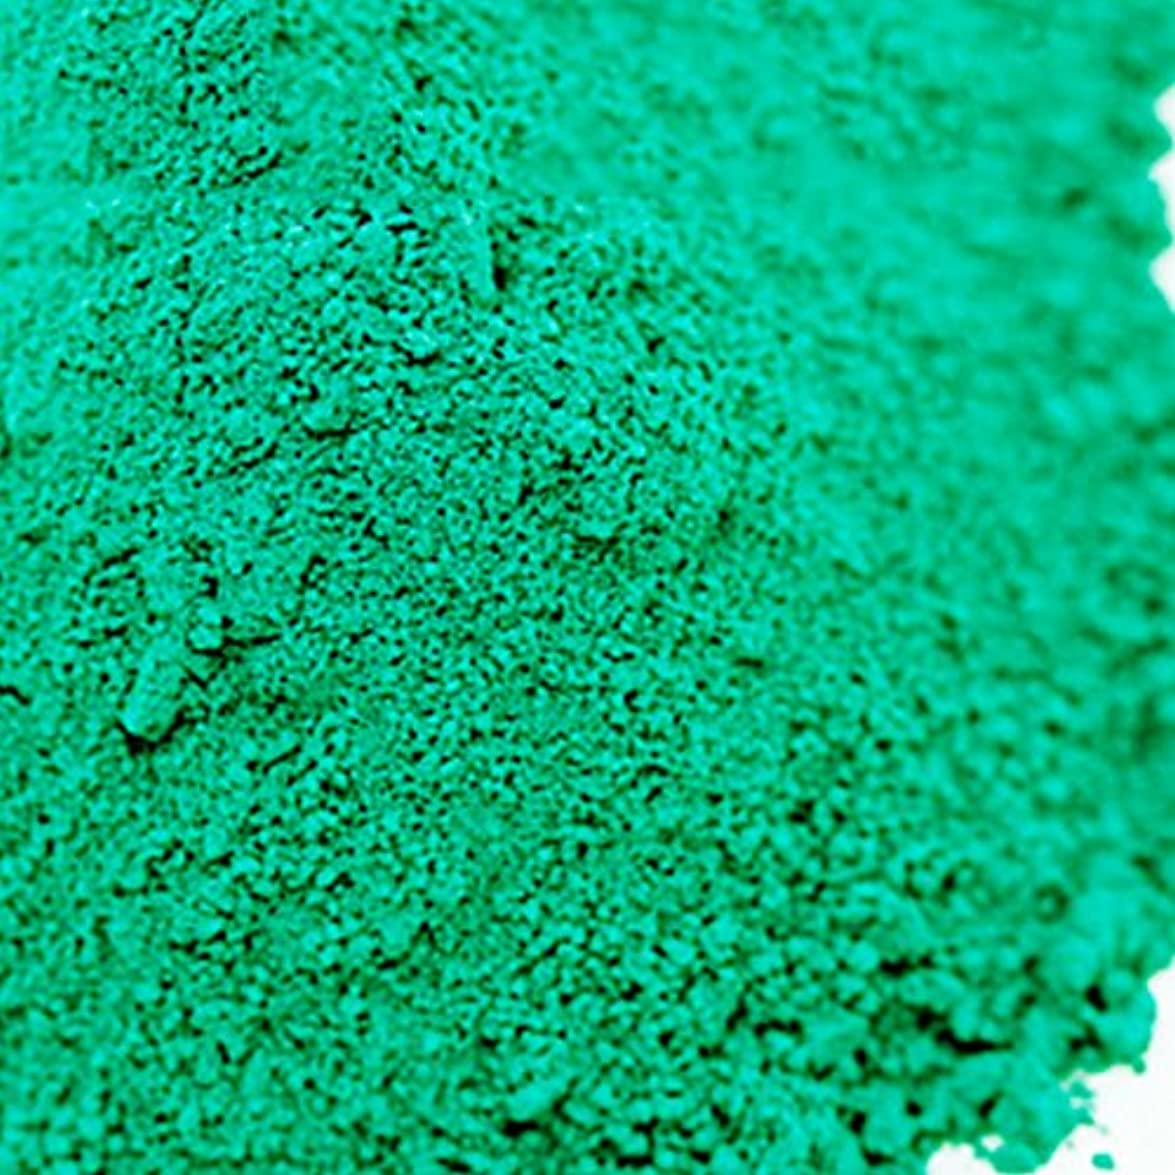 ナラーバー艦隊笑水酸化クロム グリーン 5g 【手作り石鹸/手作りコスメ/色付け/カラーラント/緑】